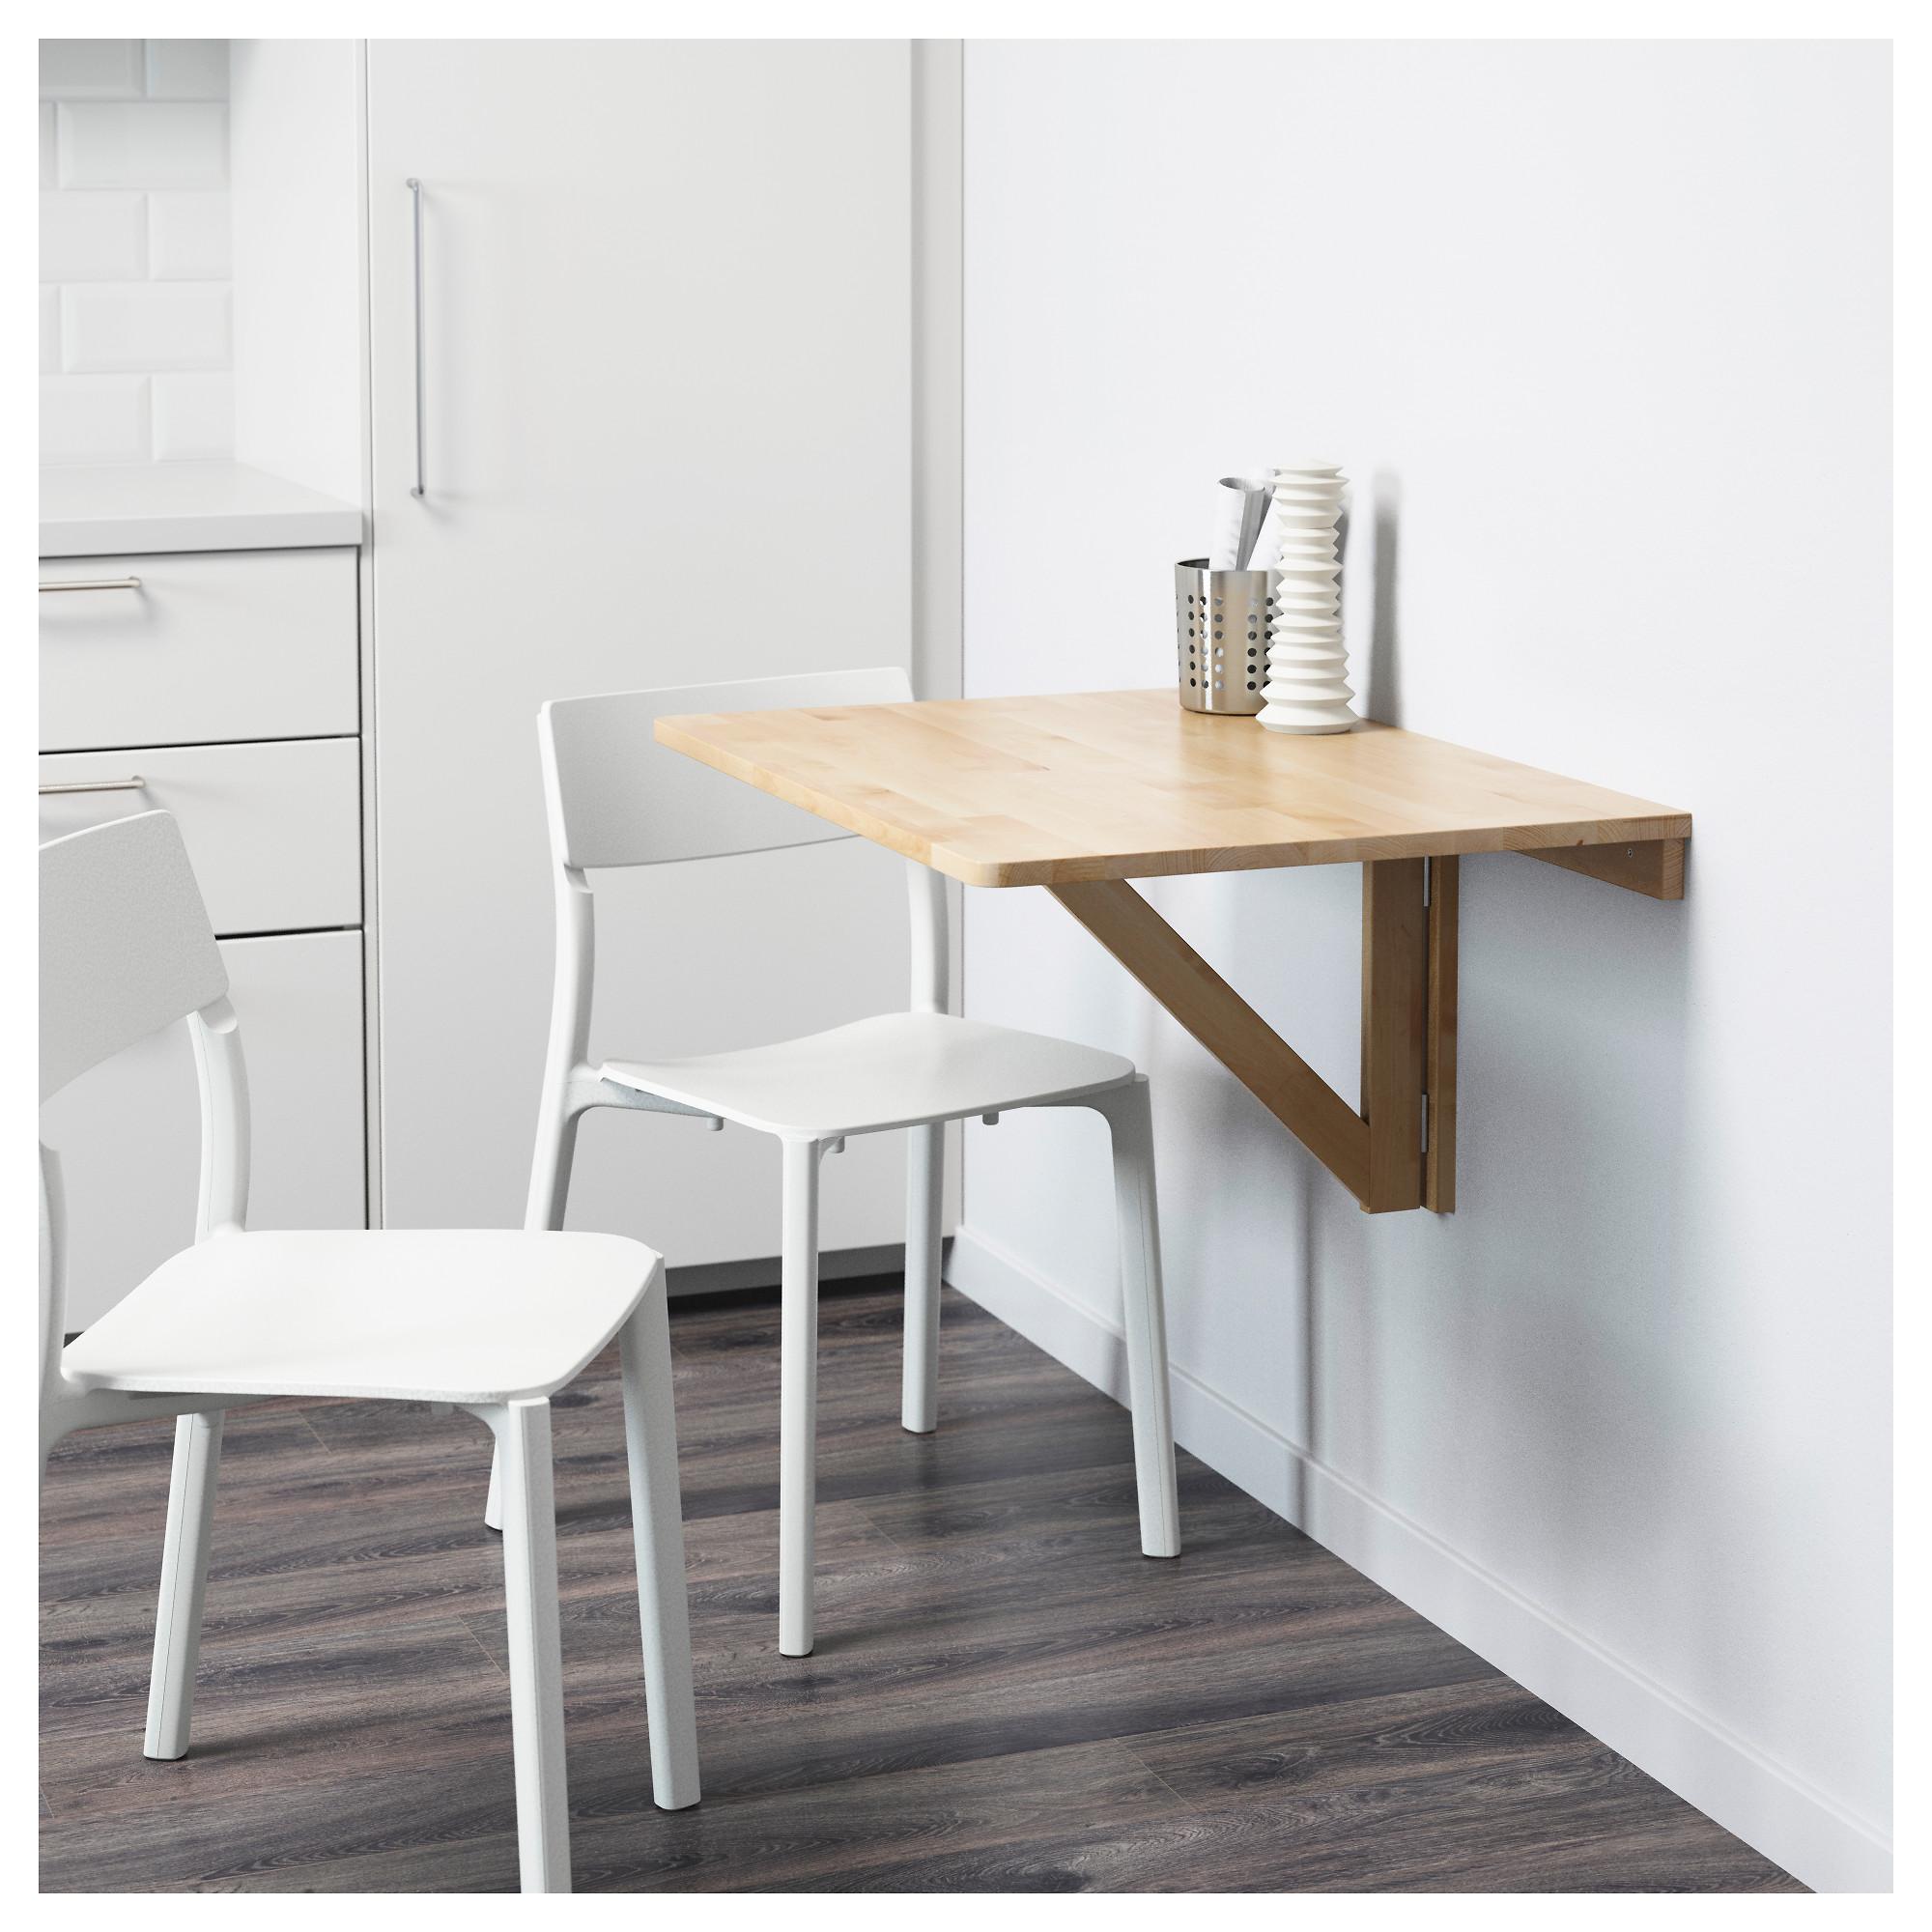 Купить стол откидной стенного крепежа норбу, береза в икеа (.